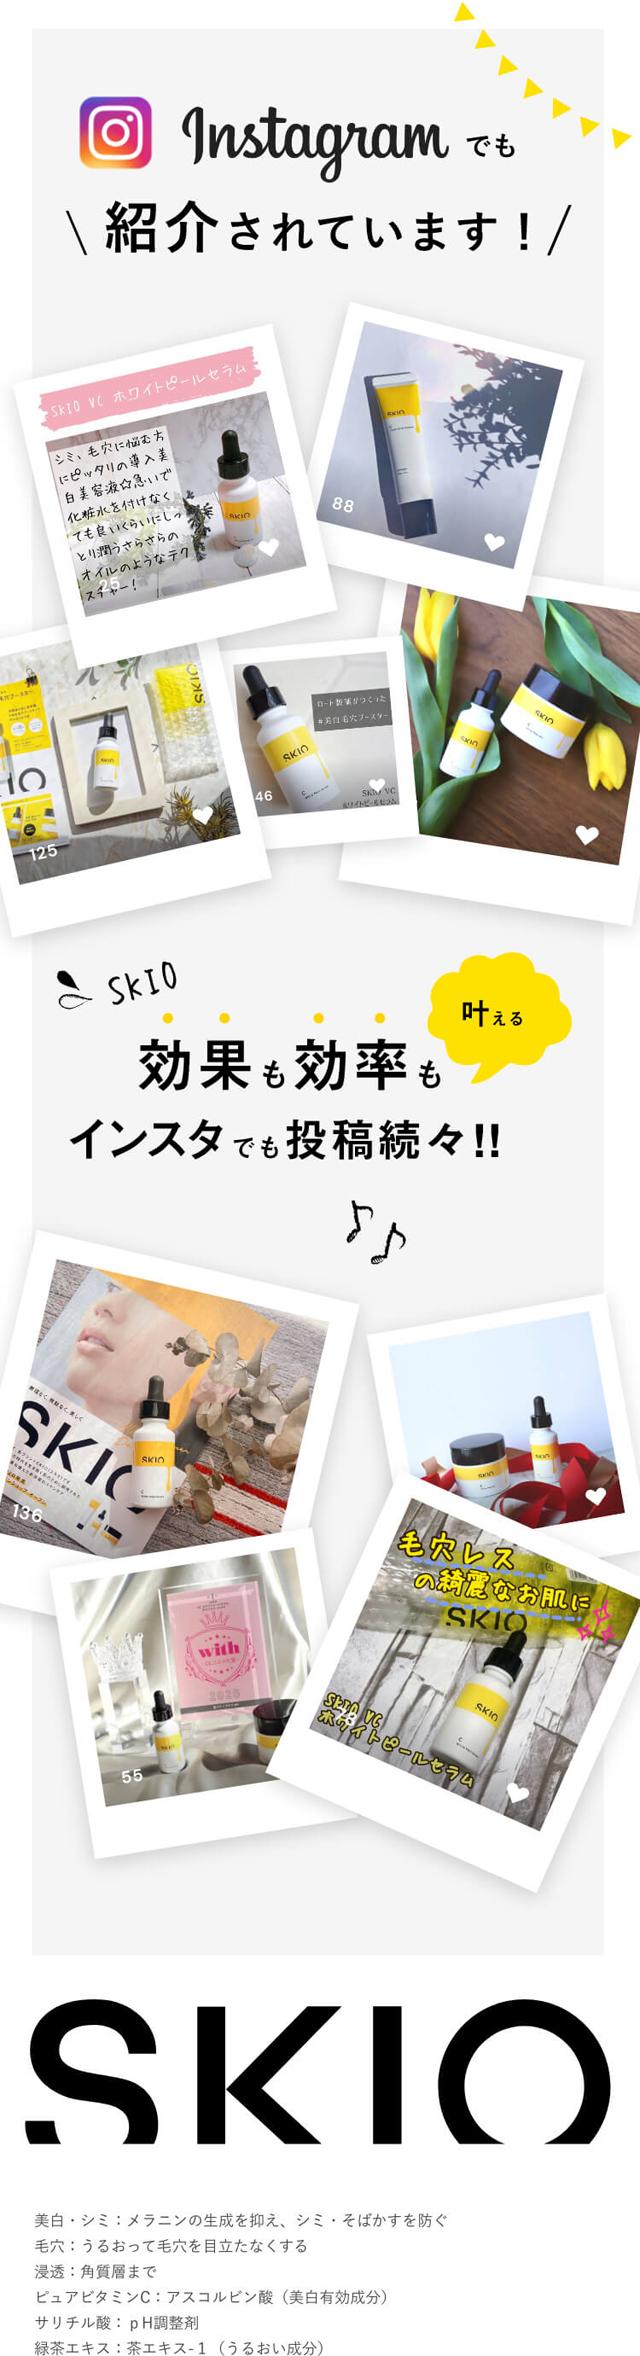 SKIO(スキオ),インスタグラム,人気